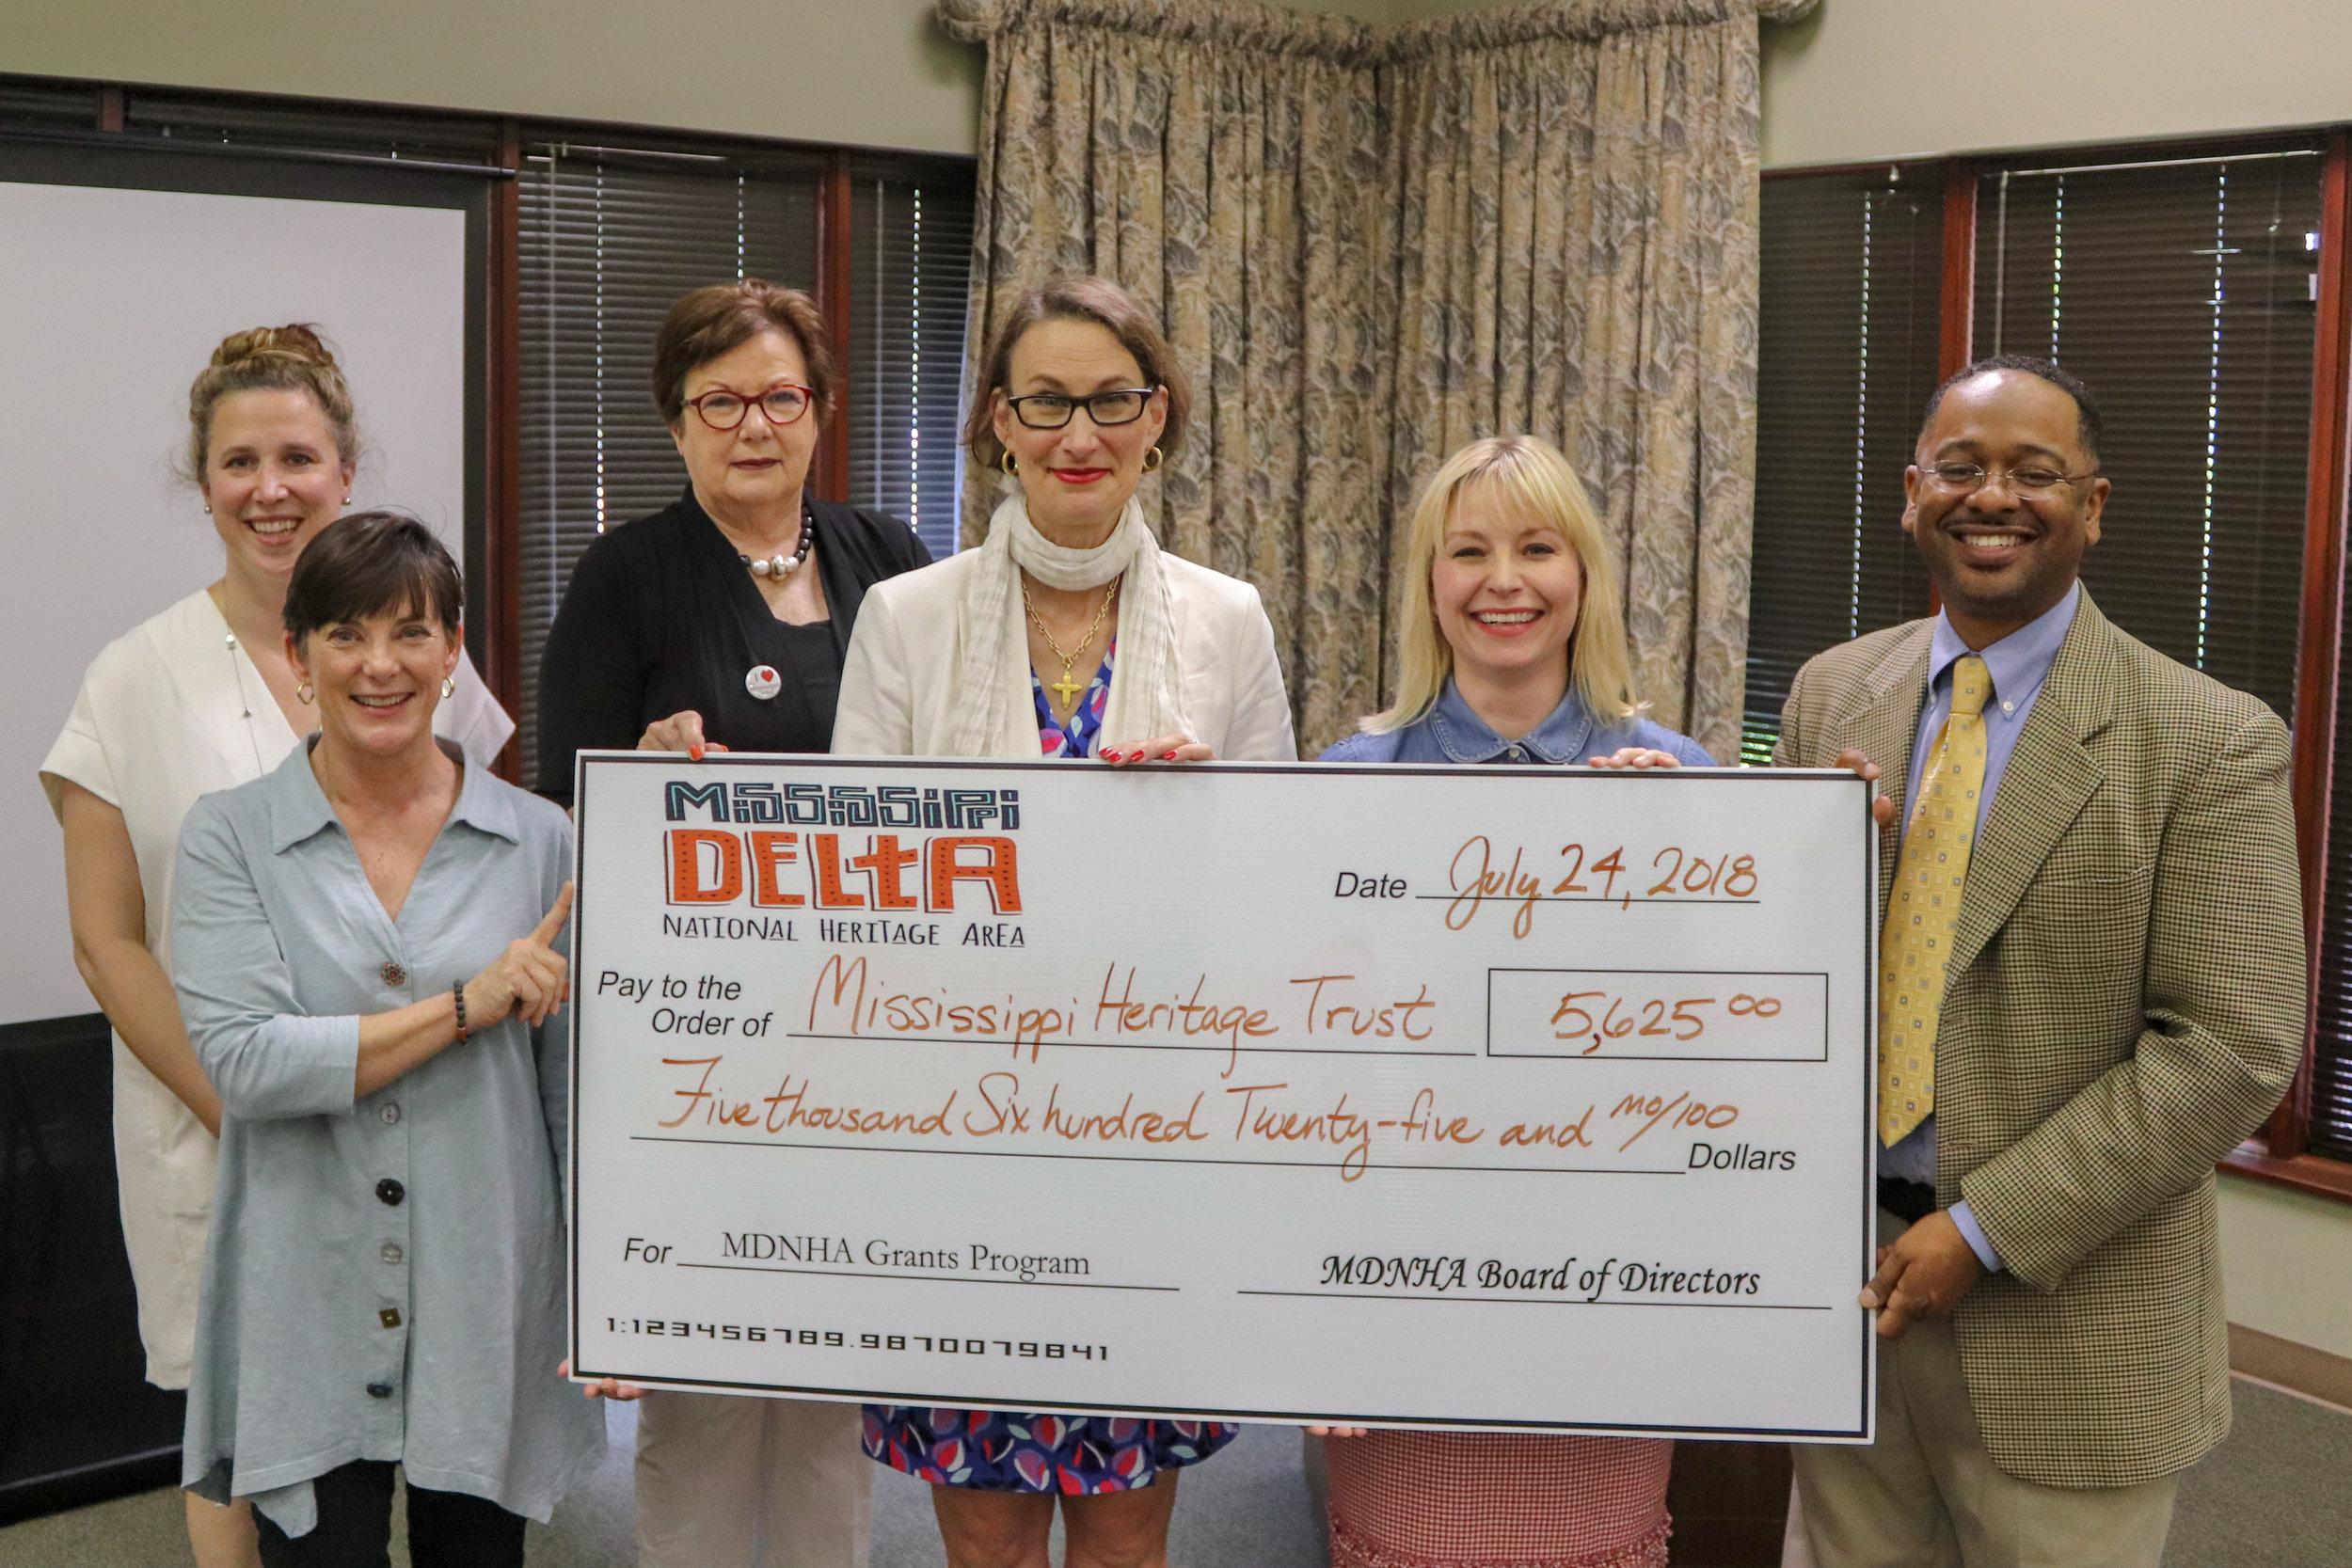 Mississippi Heritage Trust: Preservation Toolkit Workshop - Vicksburg